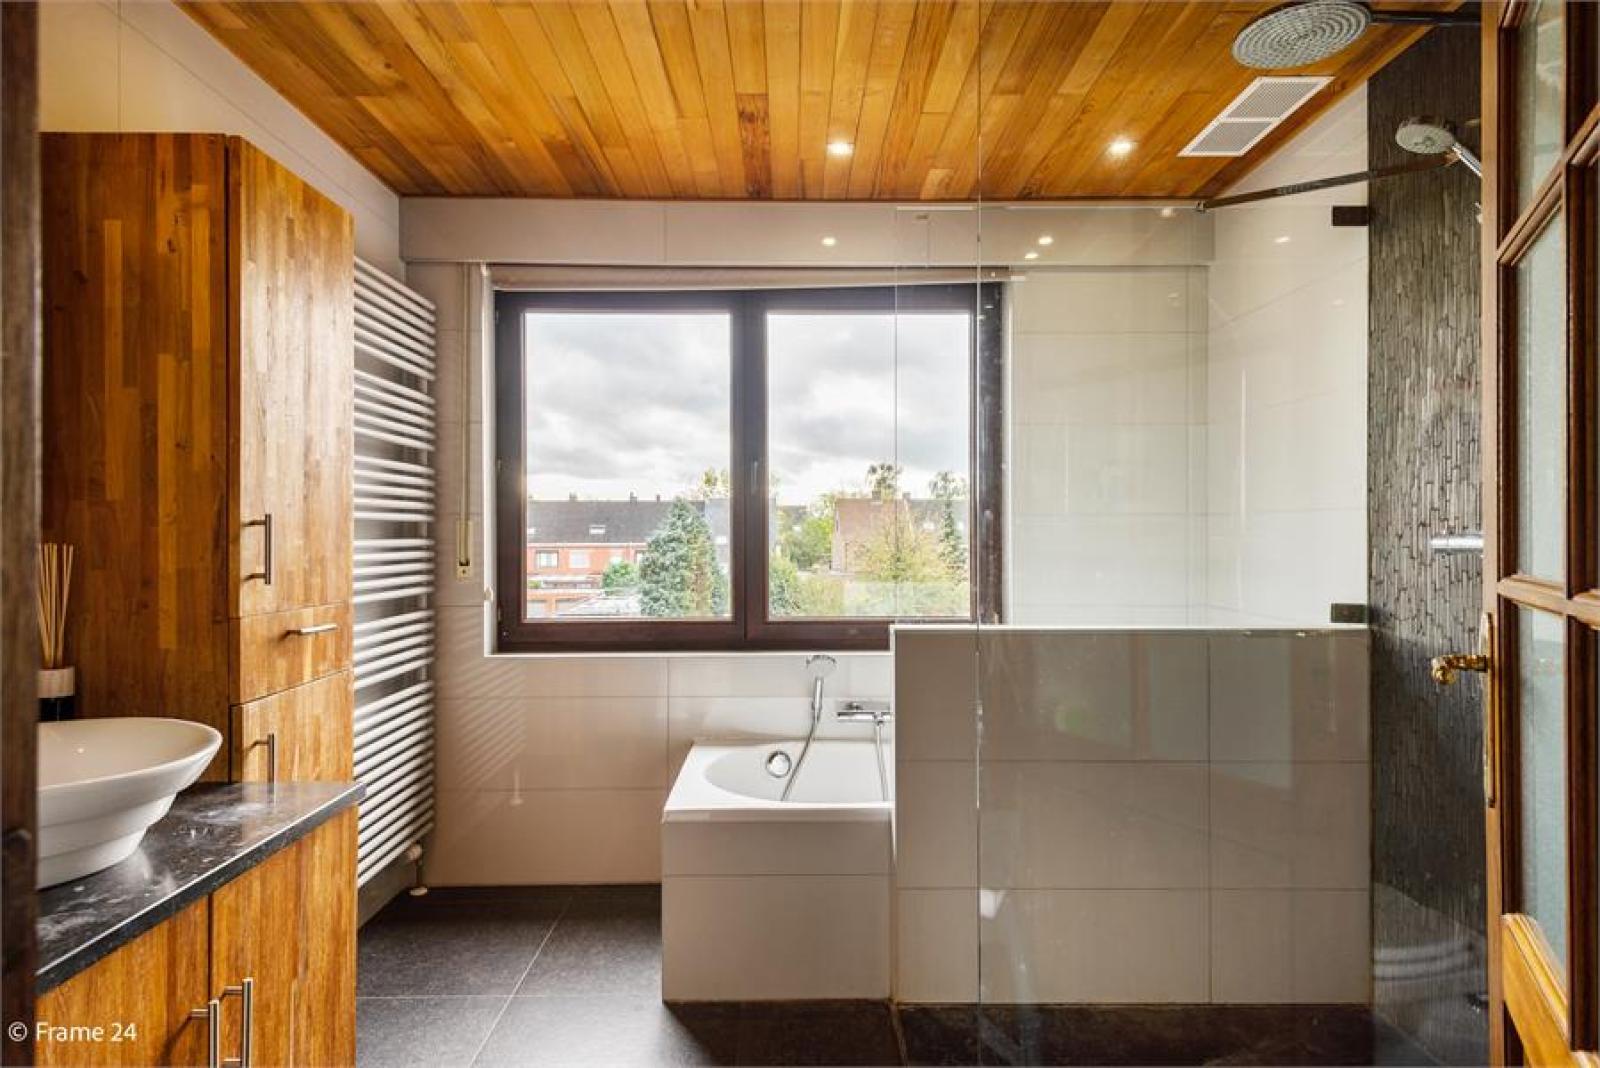 Verzorgde bel-étage met 3 slaapkamers, tuin en garage nabij centrum Wijnegem gelegen. afbeelding 18